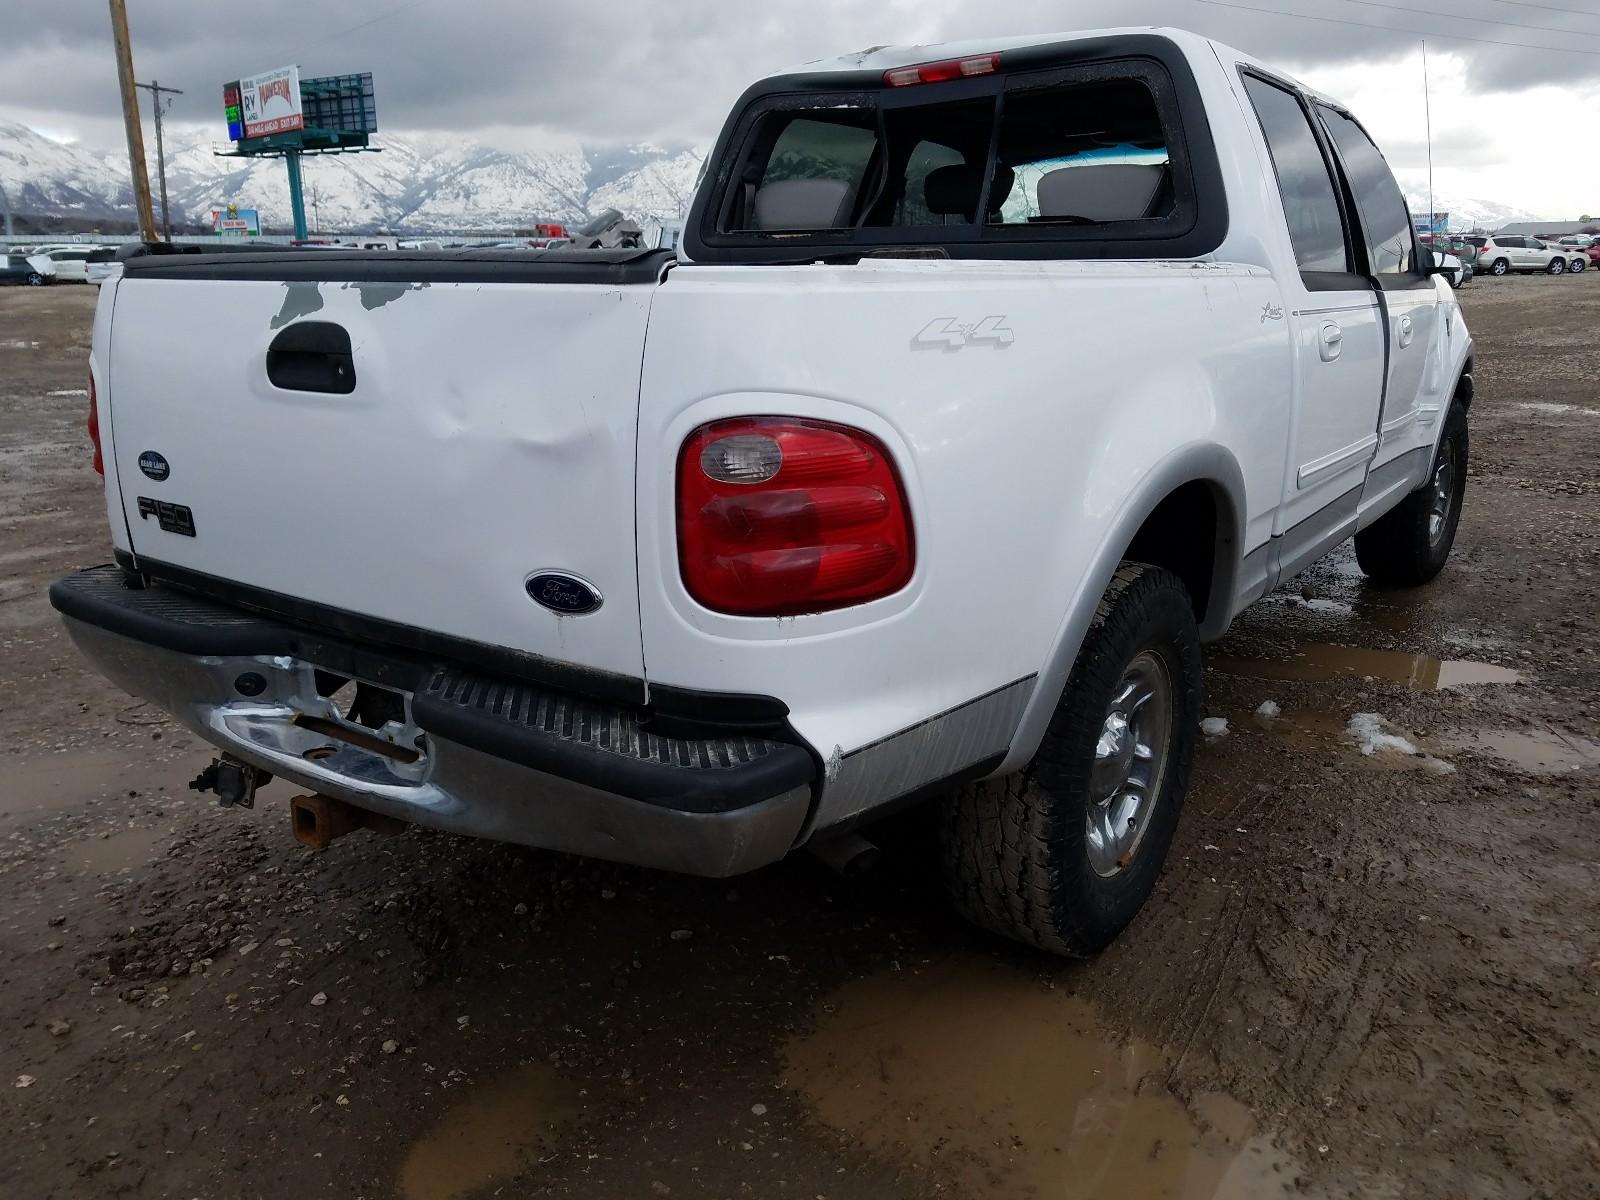 1FTRW08L01KB33707 - 2001 Ford F150 Super 5.4L rear view